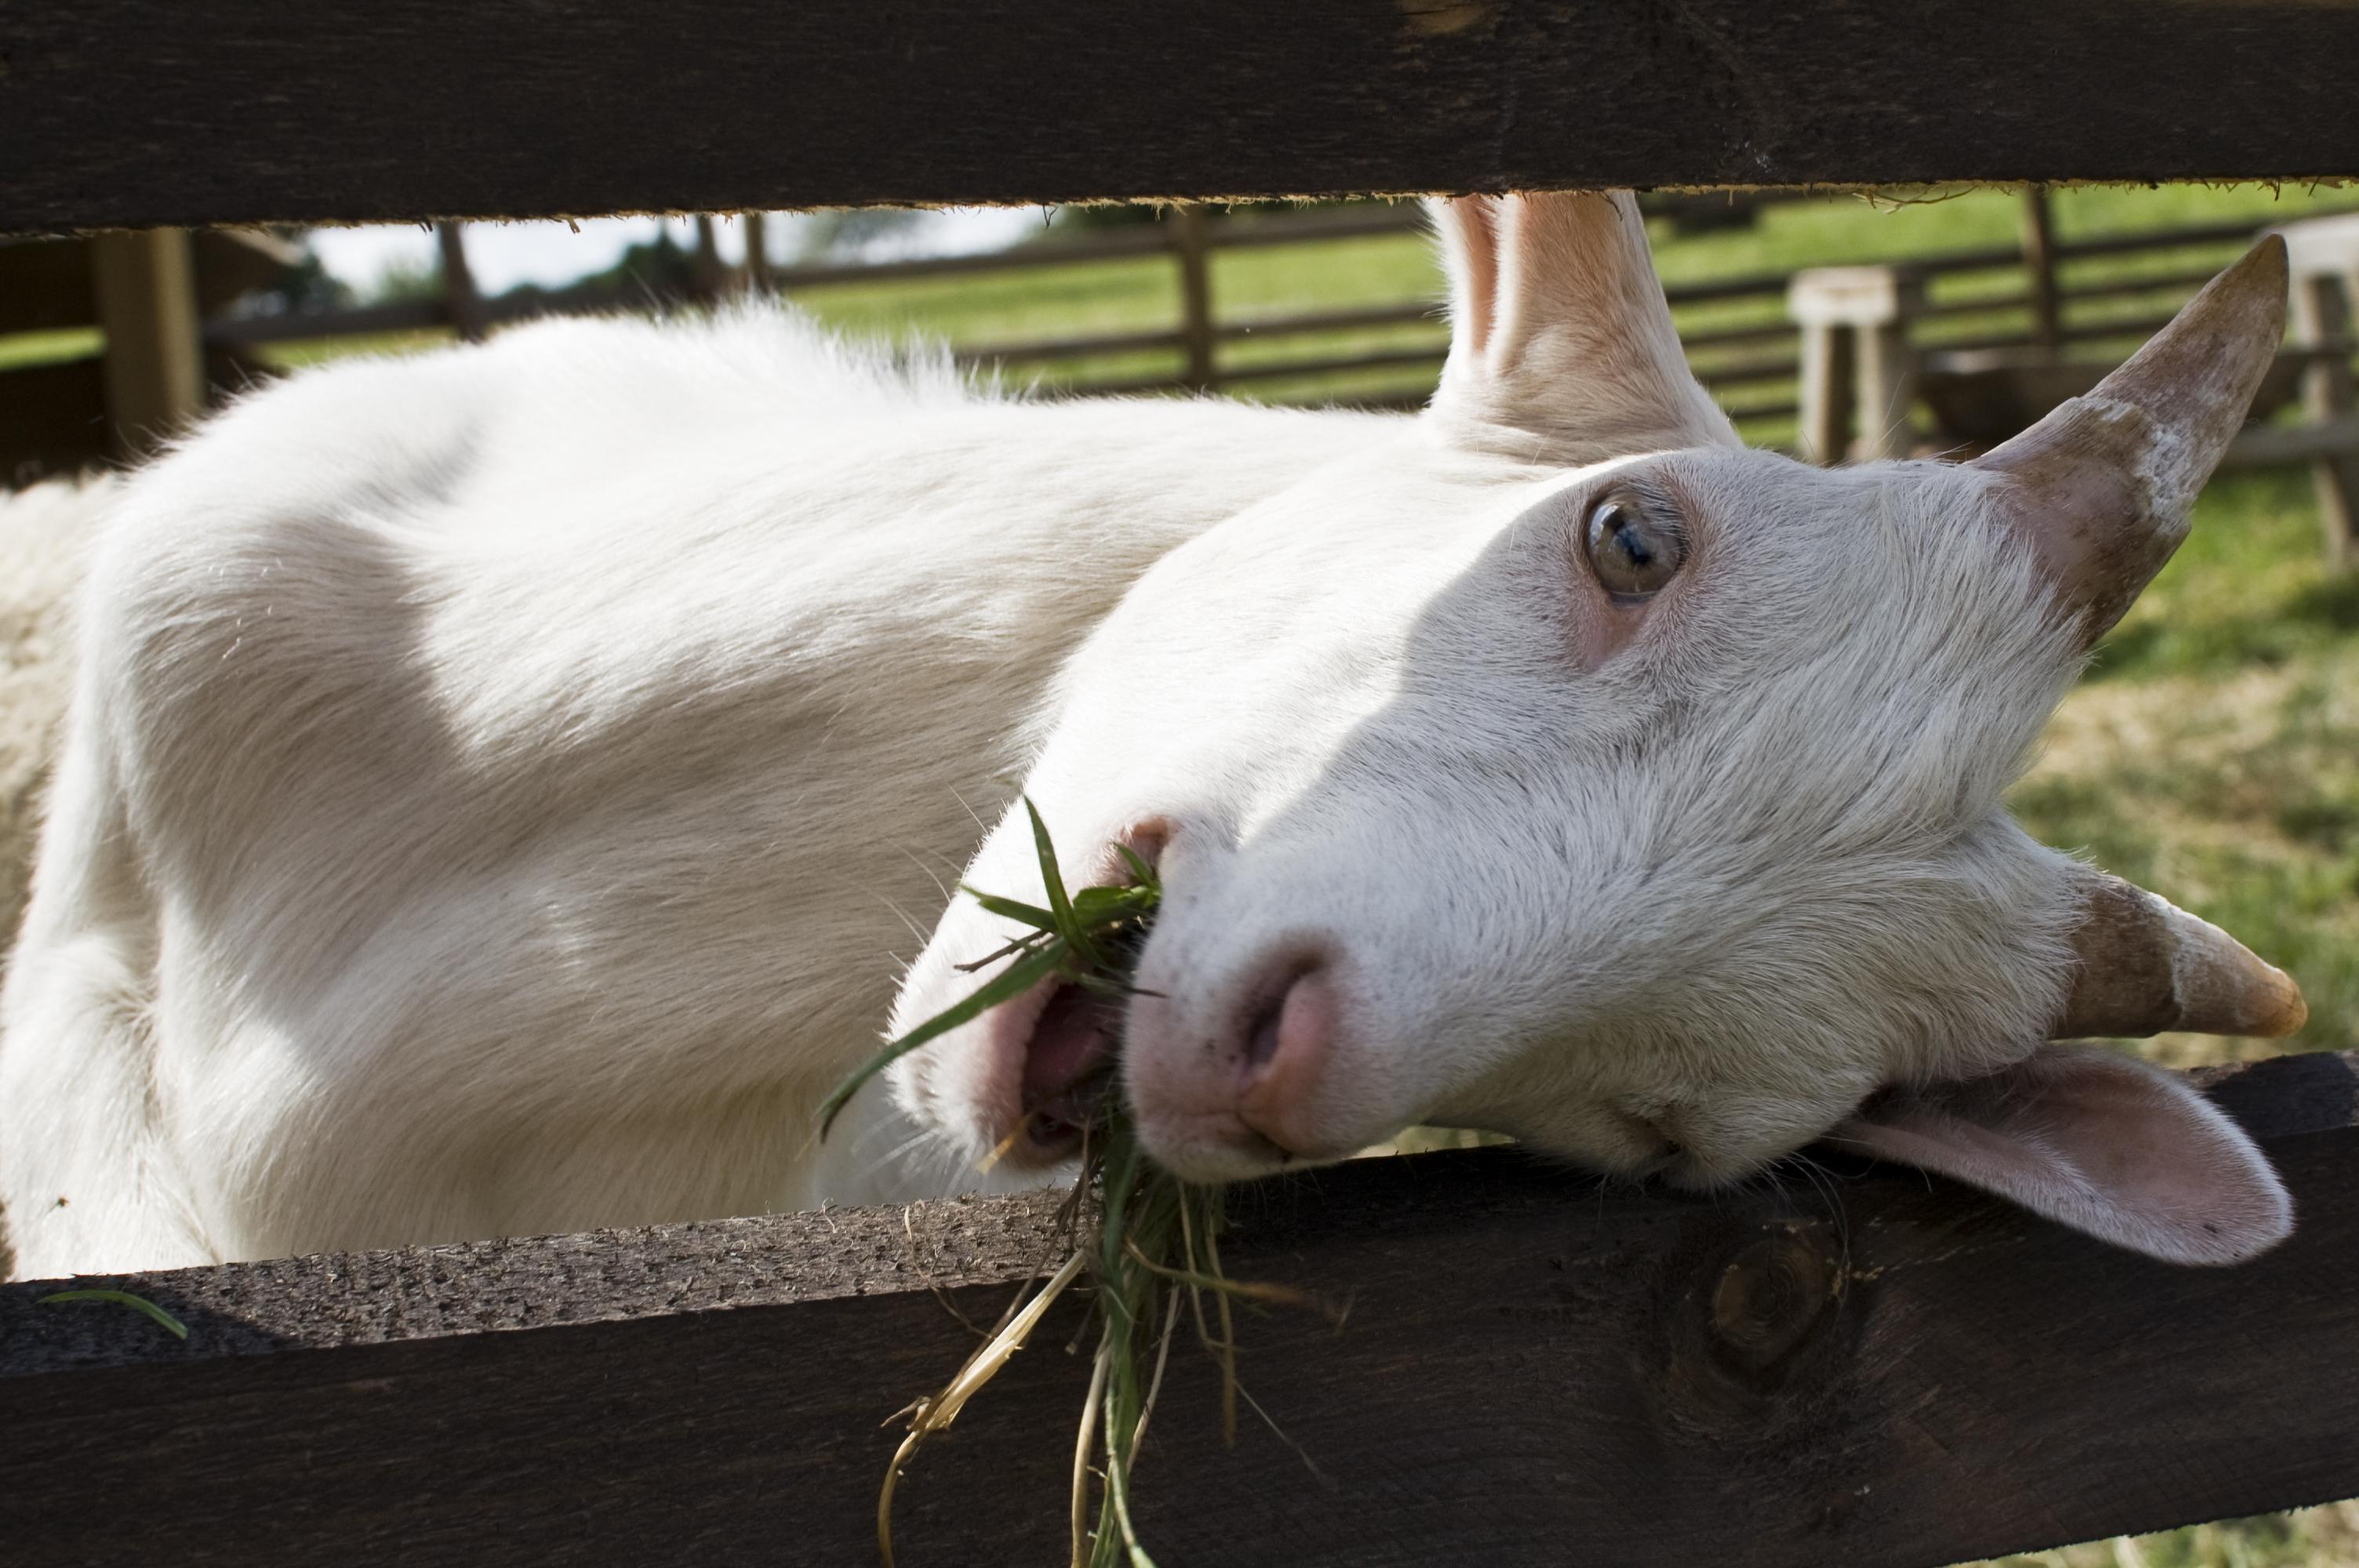 Goat essays